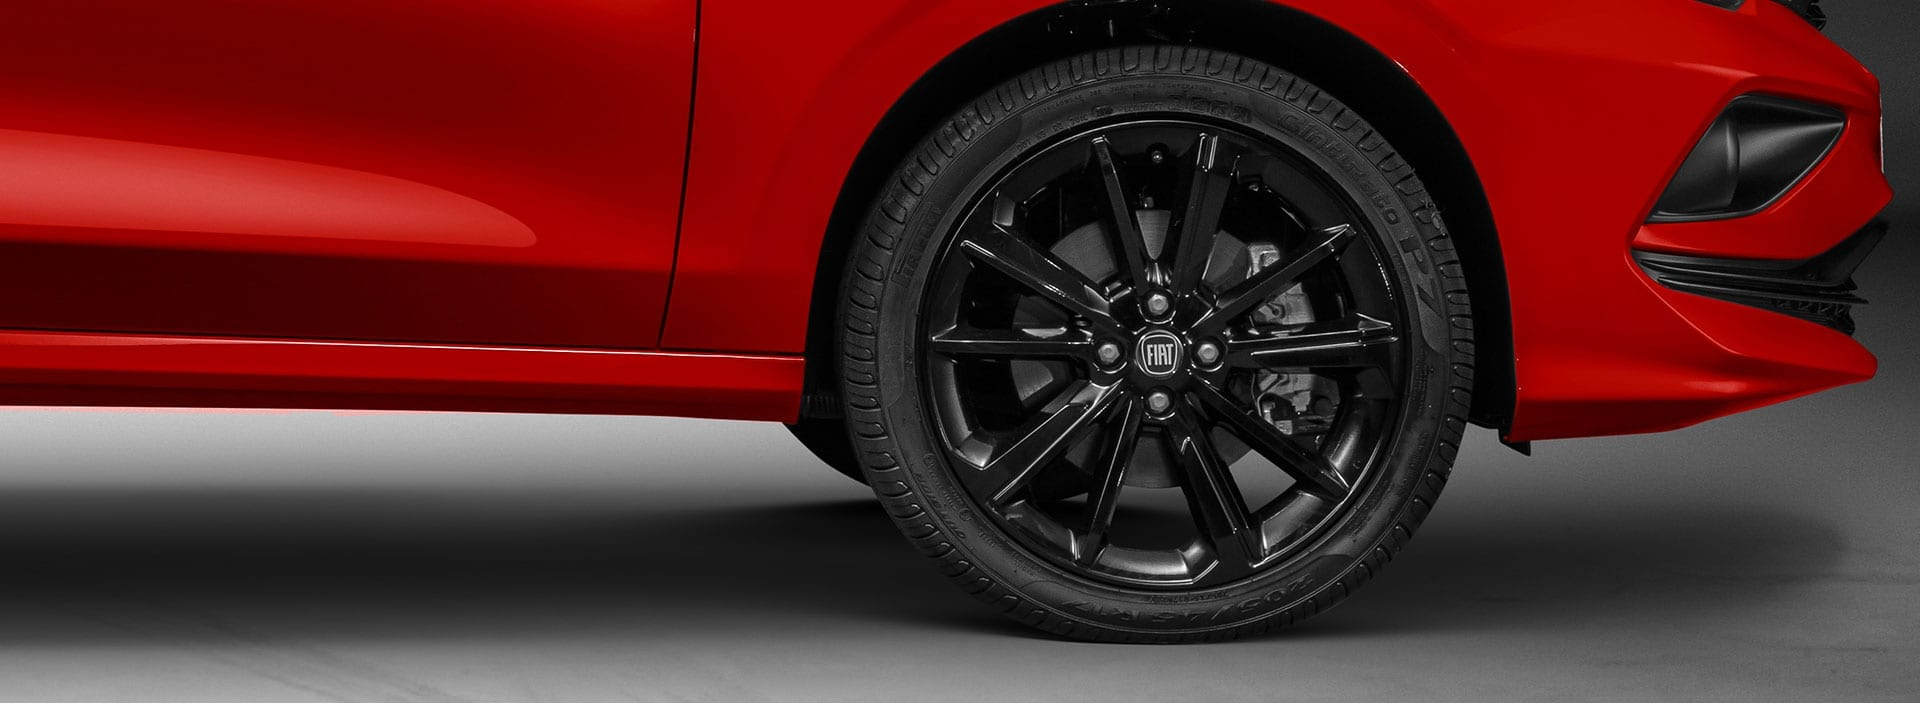 designEsportivo roda1 Cronos - Concessionária e Revenda Autorizada Fiat em Santa Catarina, SC | Carboni Fiat